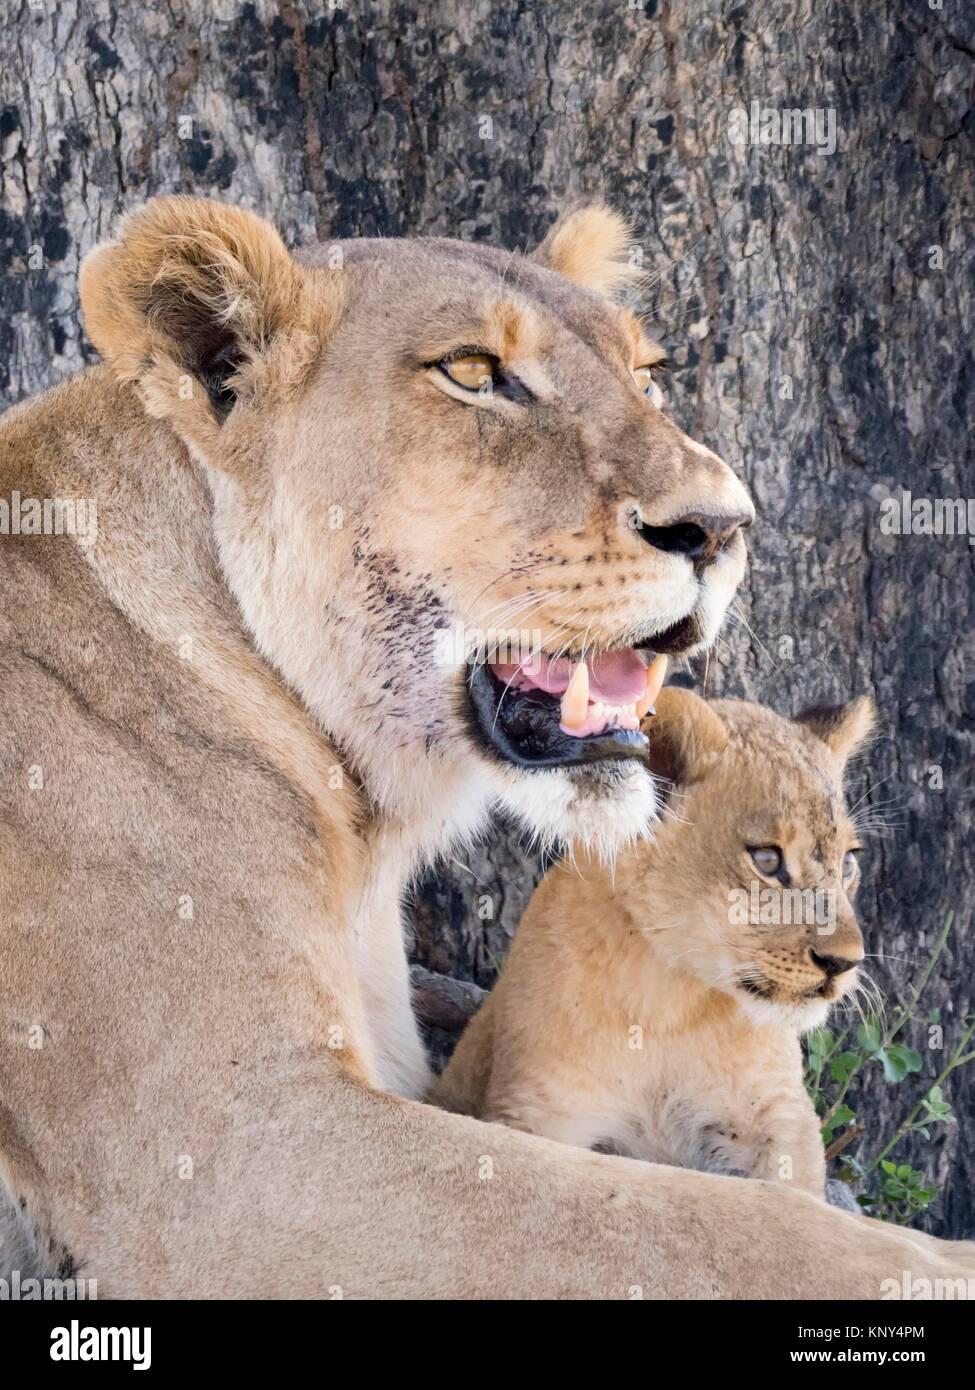 Botswana. Female Lion and Cub. - Stock Image